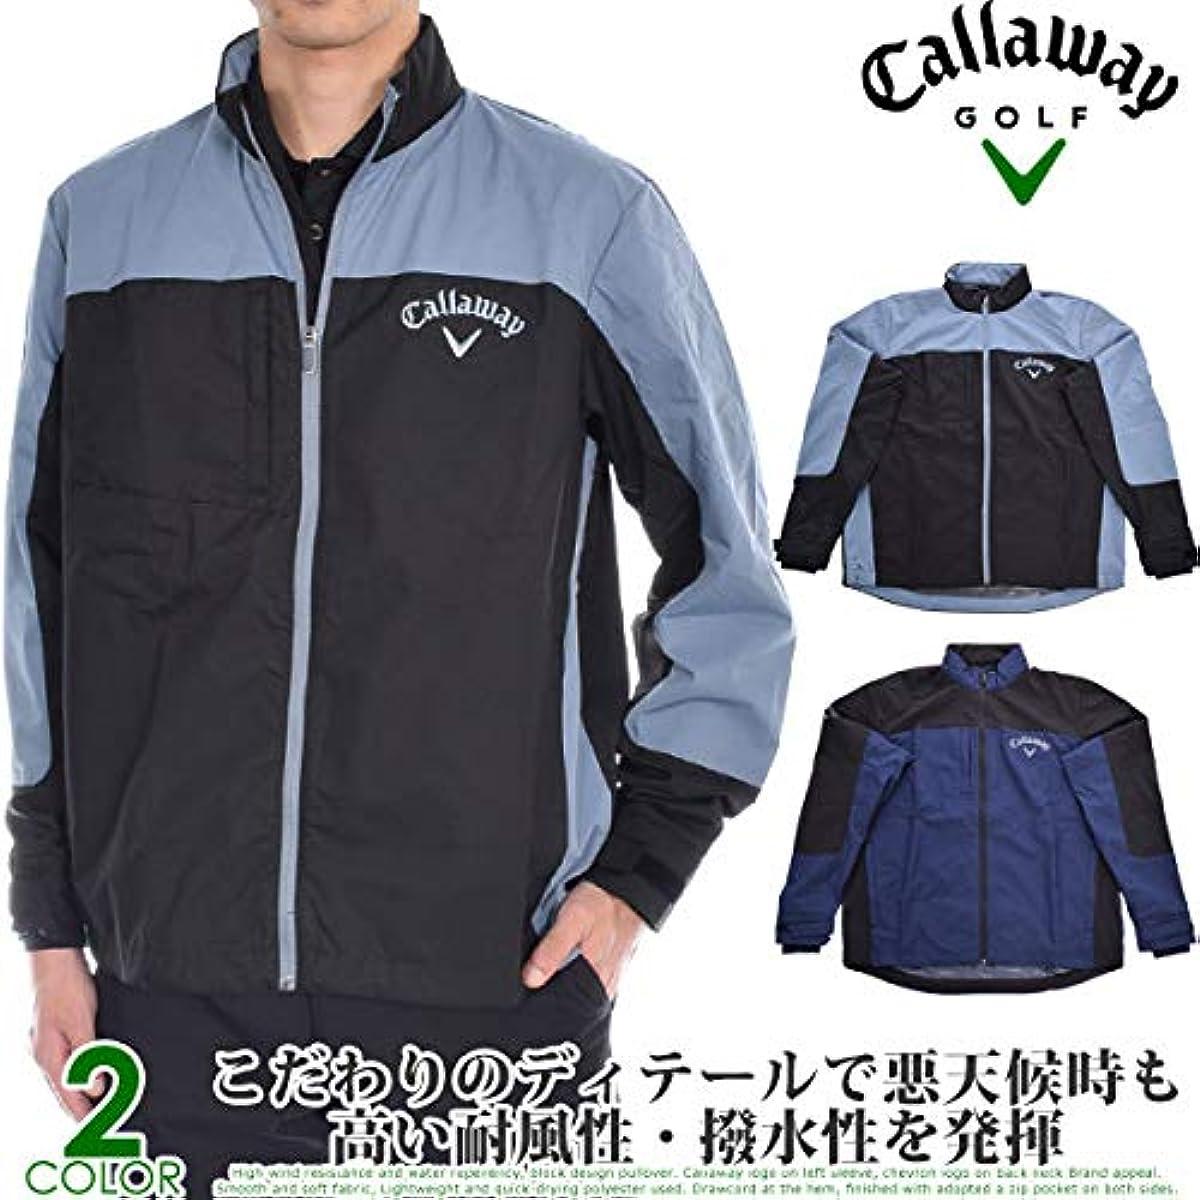 [해외] 캘러웨이 CALLAWAY 스윙 텍 풀 ZIP 긴 소매 바람 셔츠